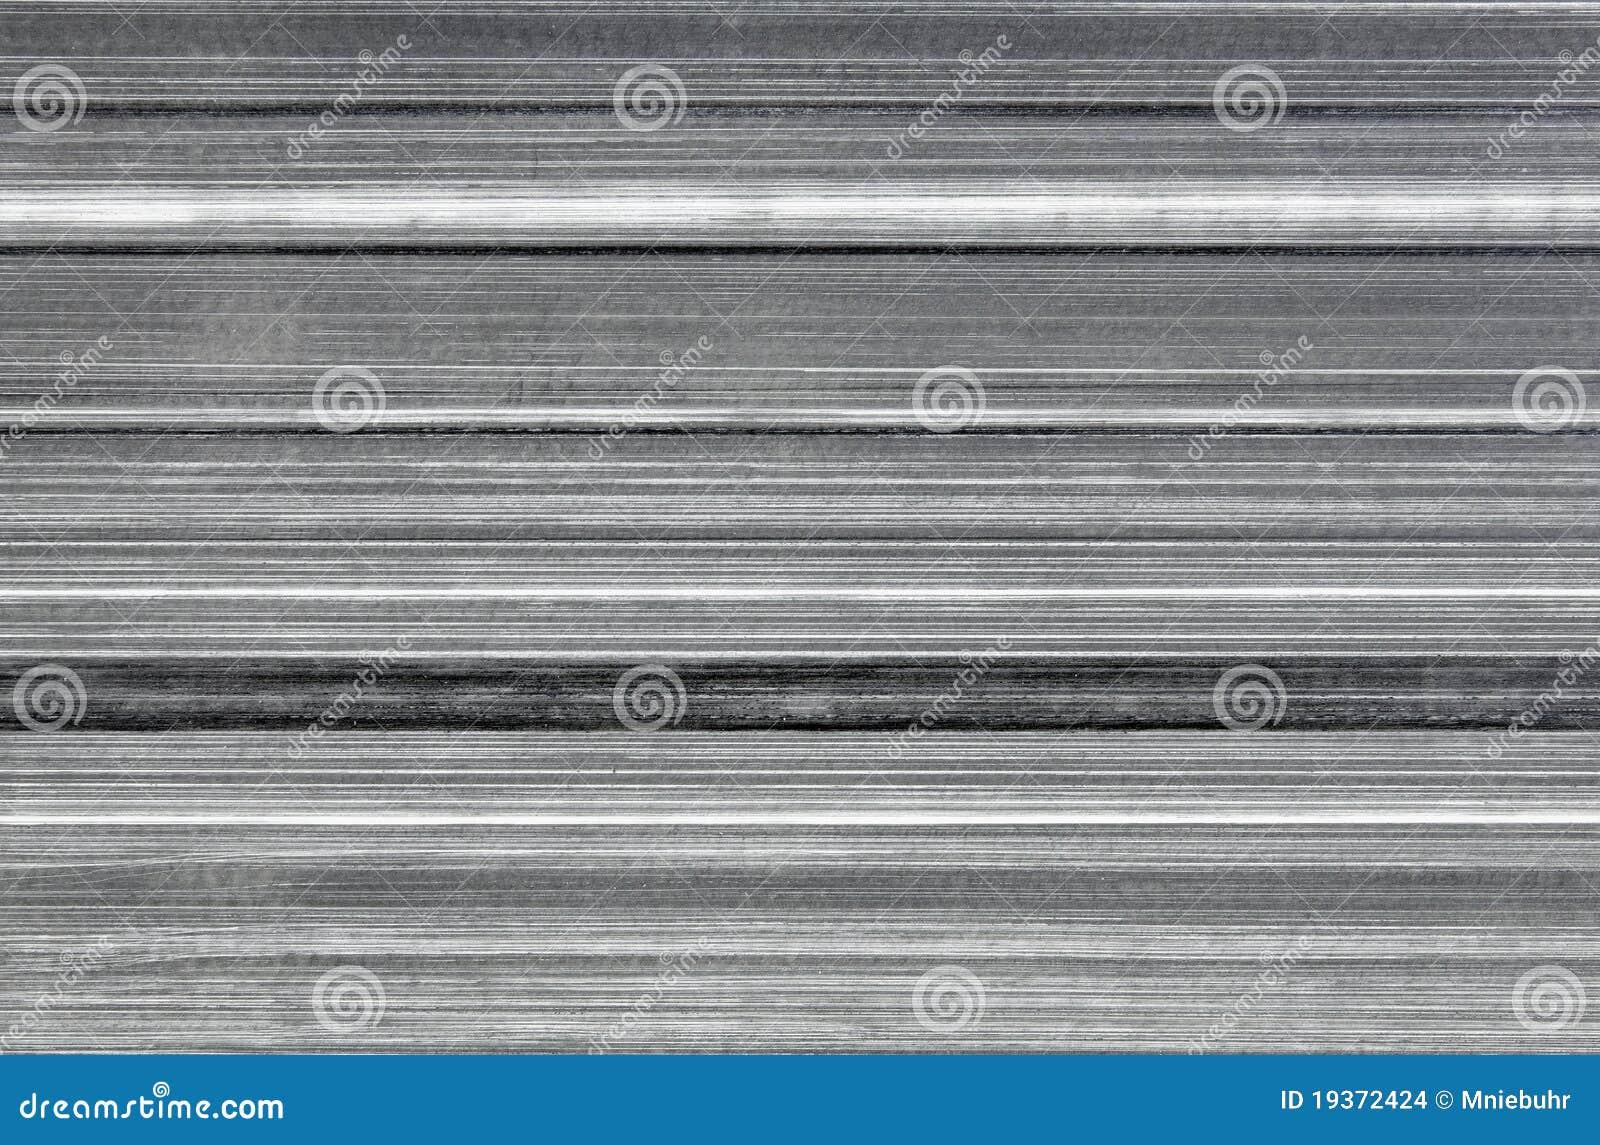 Mão artística ilustrada das faixas horizontais desenhada